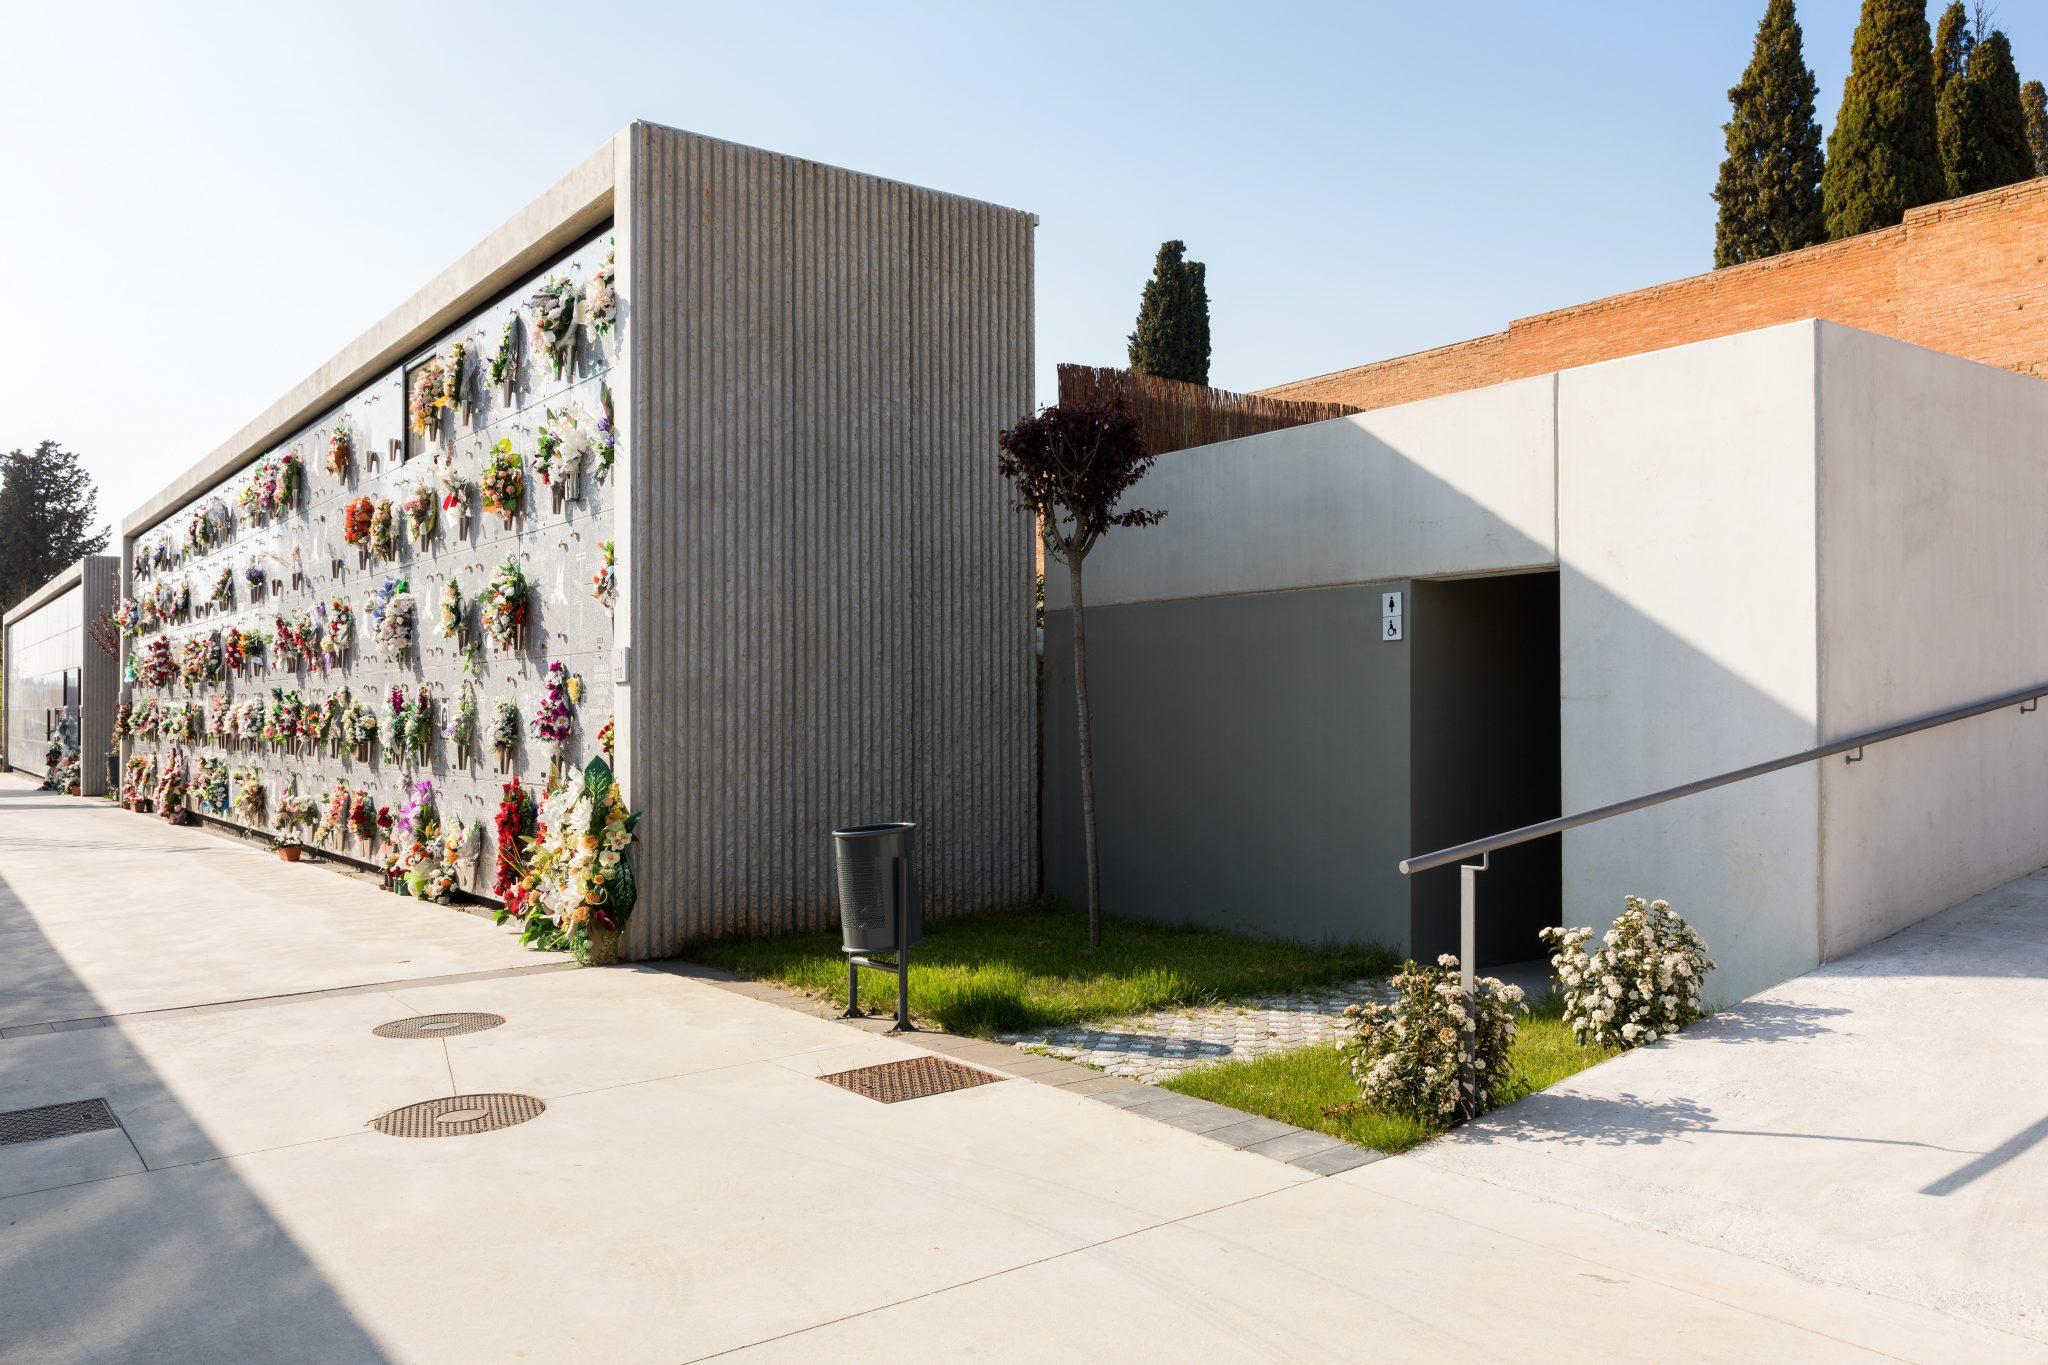 Cementerio de sabadell barcelona cementerios vivos for Horario oficinas sabadell